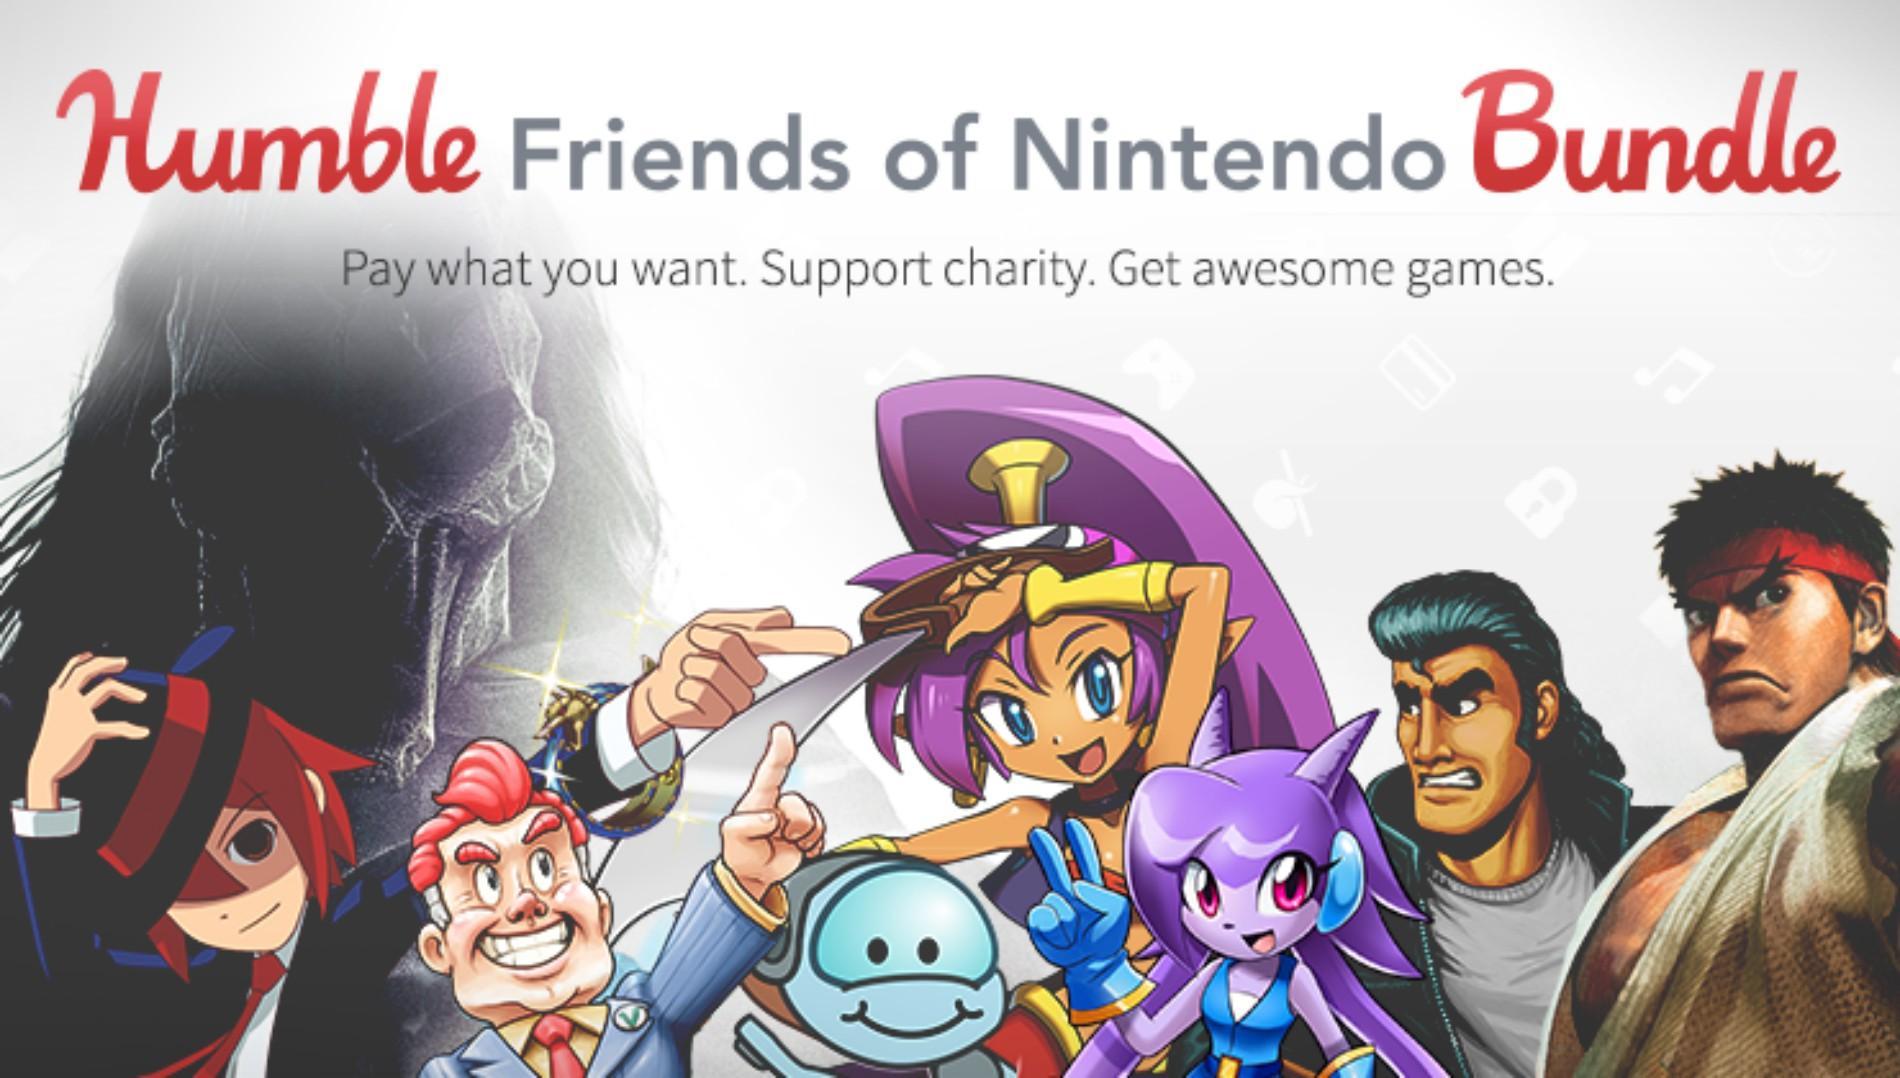 Humble Bundle cùng Nintendo giới thiệu gói ưu đãi Humble Friend of Nintendo Bundle